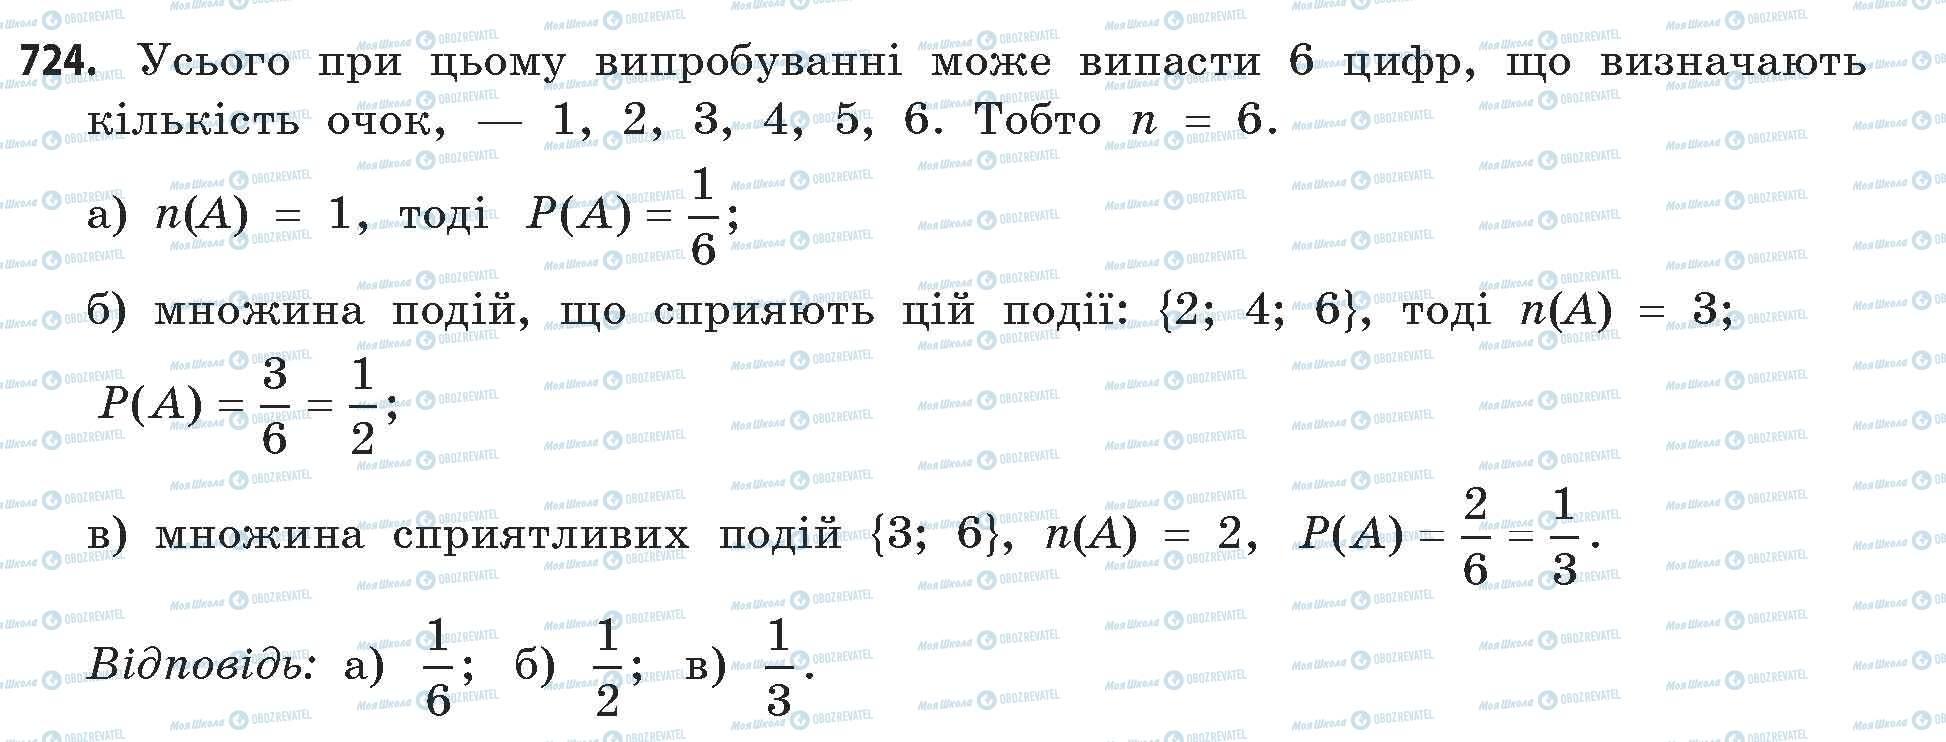 ГДЗ Математика 11 класс страница 724